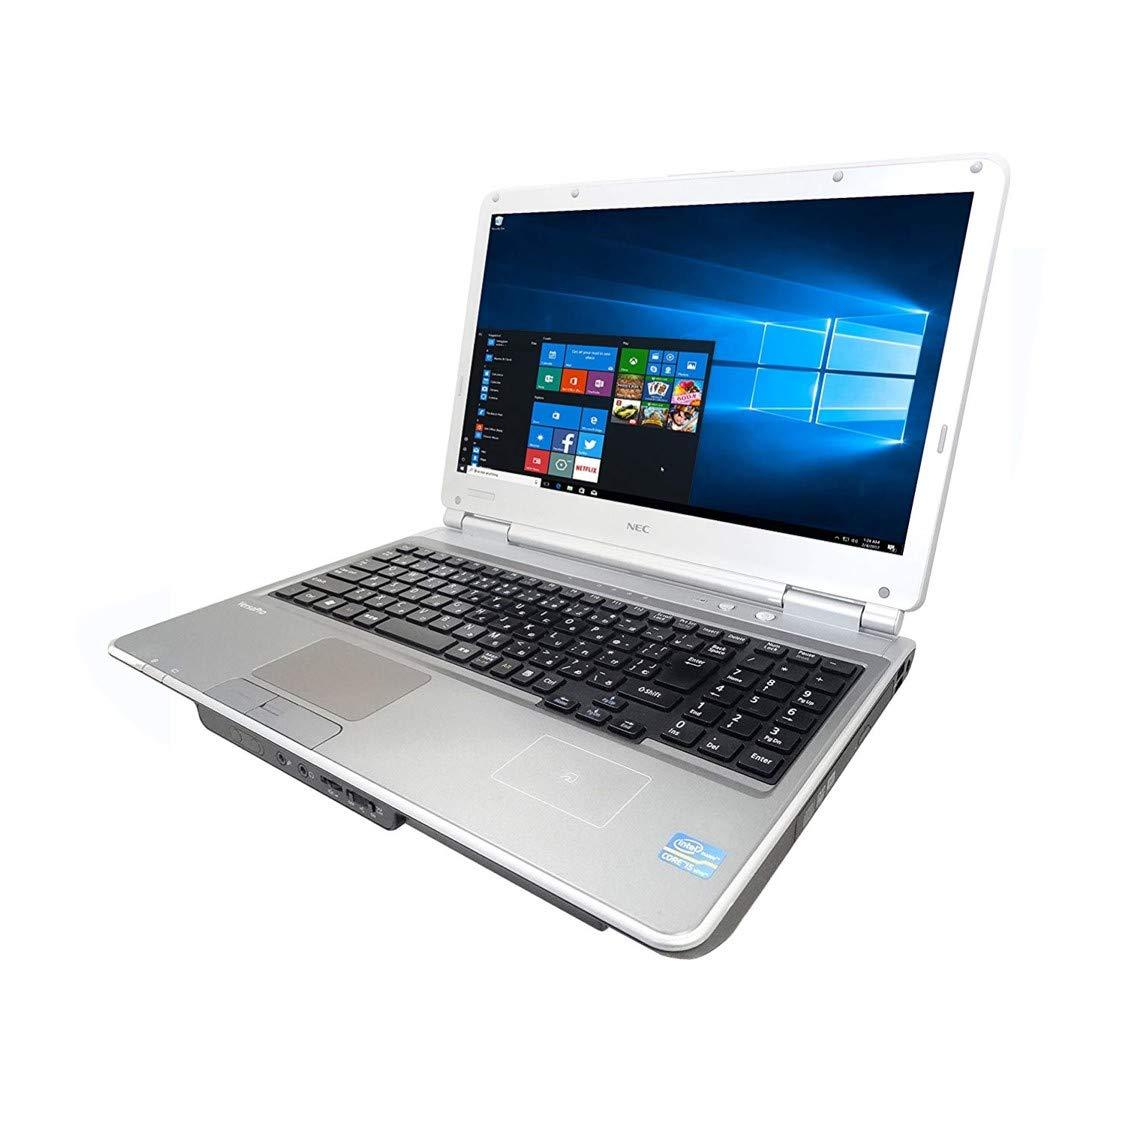 お気に入り 【Microsoft Office 2016搭載 10搭載】NEC】【Microsoft【Win 10搭載 B0773L8L7N】NEC VX-F/第三世代Core i5-3310M 2.5GHz/超大容量メモリー8GB/新品SSD:240GB/DVDスーパーマルチ/10キー付/大画面15インチ/無線LAN搭載/中古ノートパソコン (新品SSD:240GB) B0773L8L7N 新品SSD:480GB 新品SSD:480GB, UF(ウフ):aaaf93fd --- arianechie.dominiotemporario.com